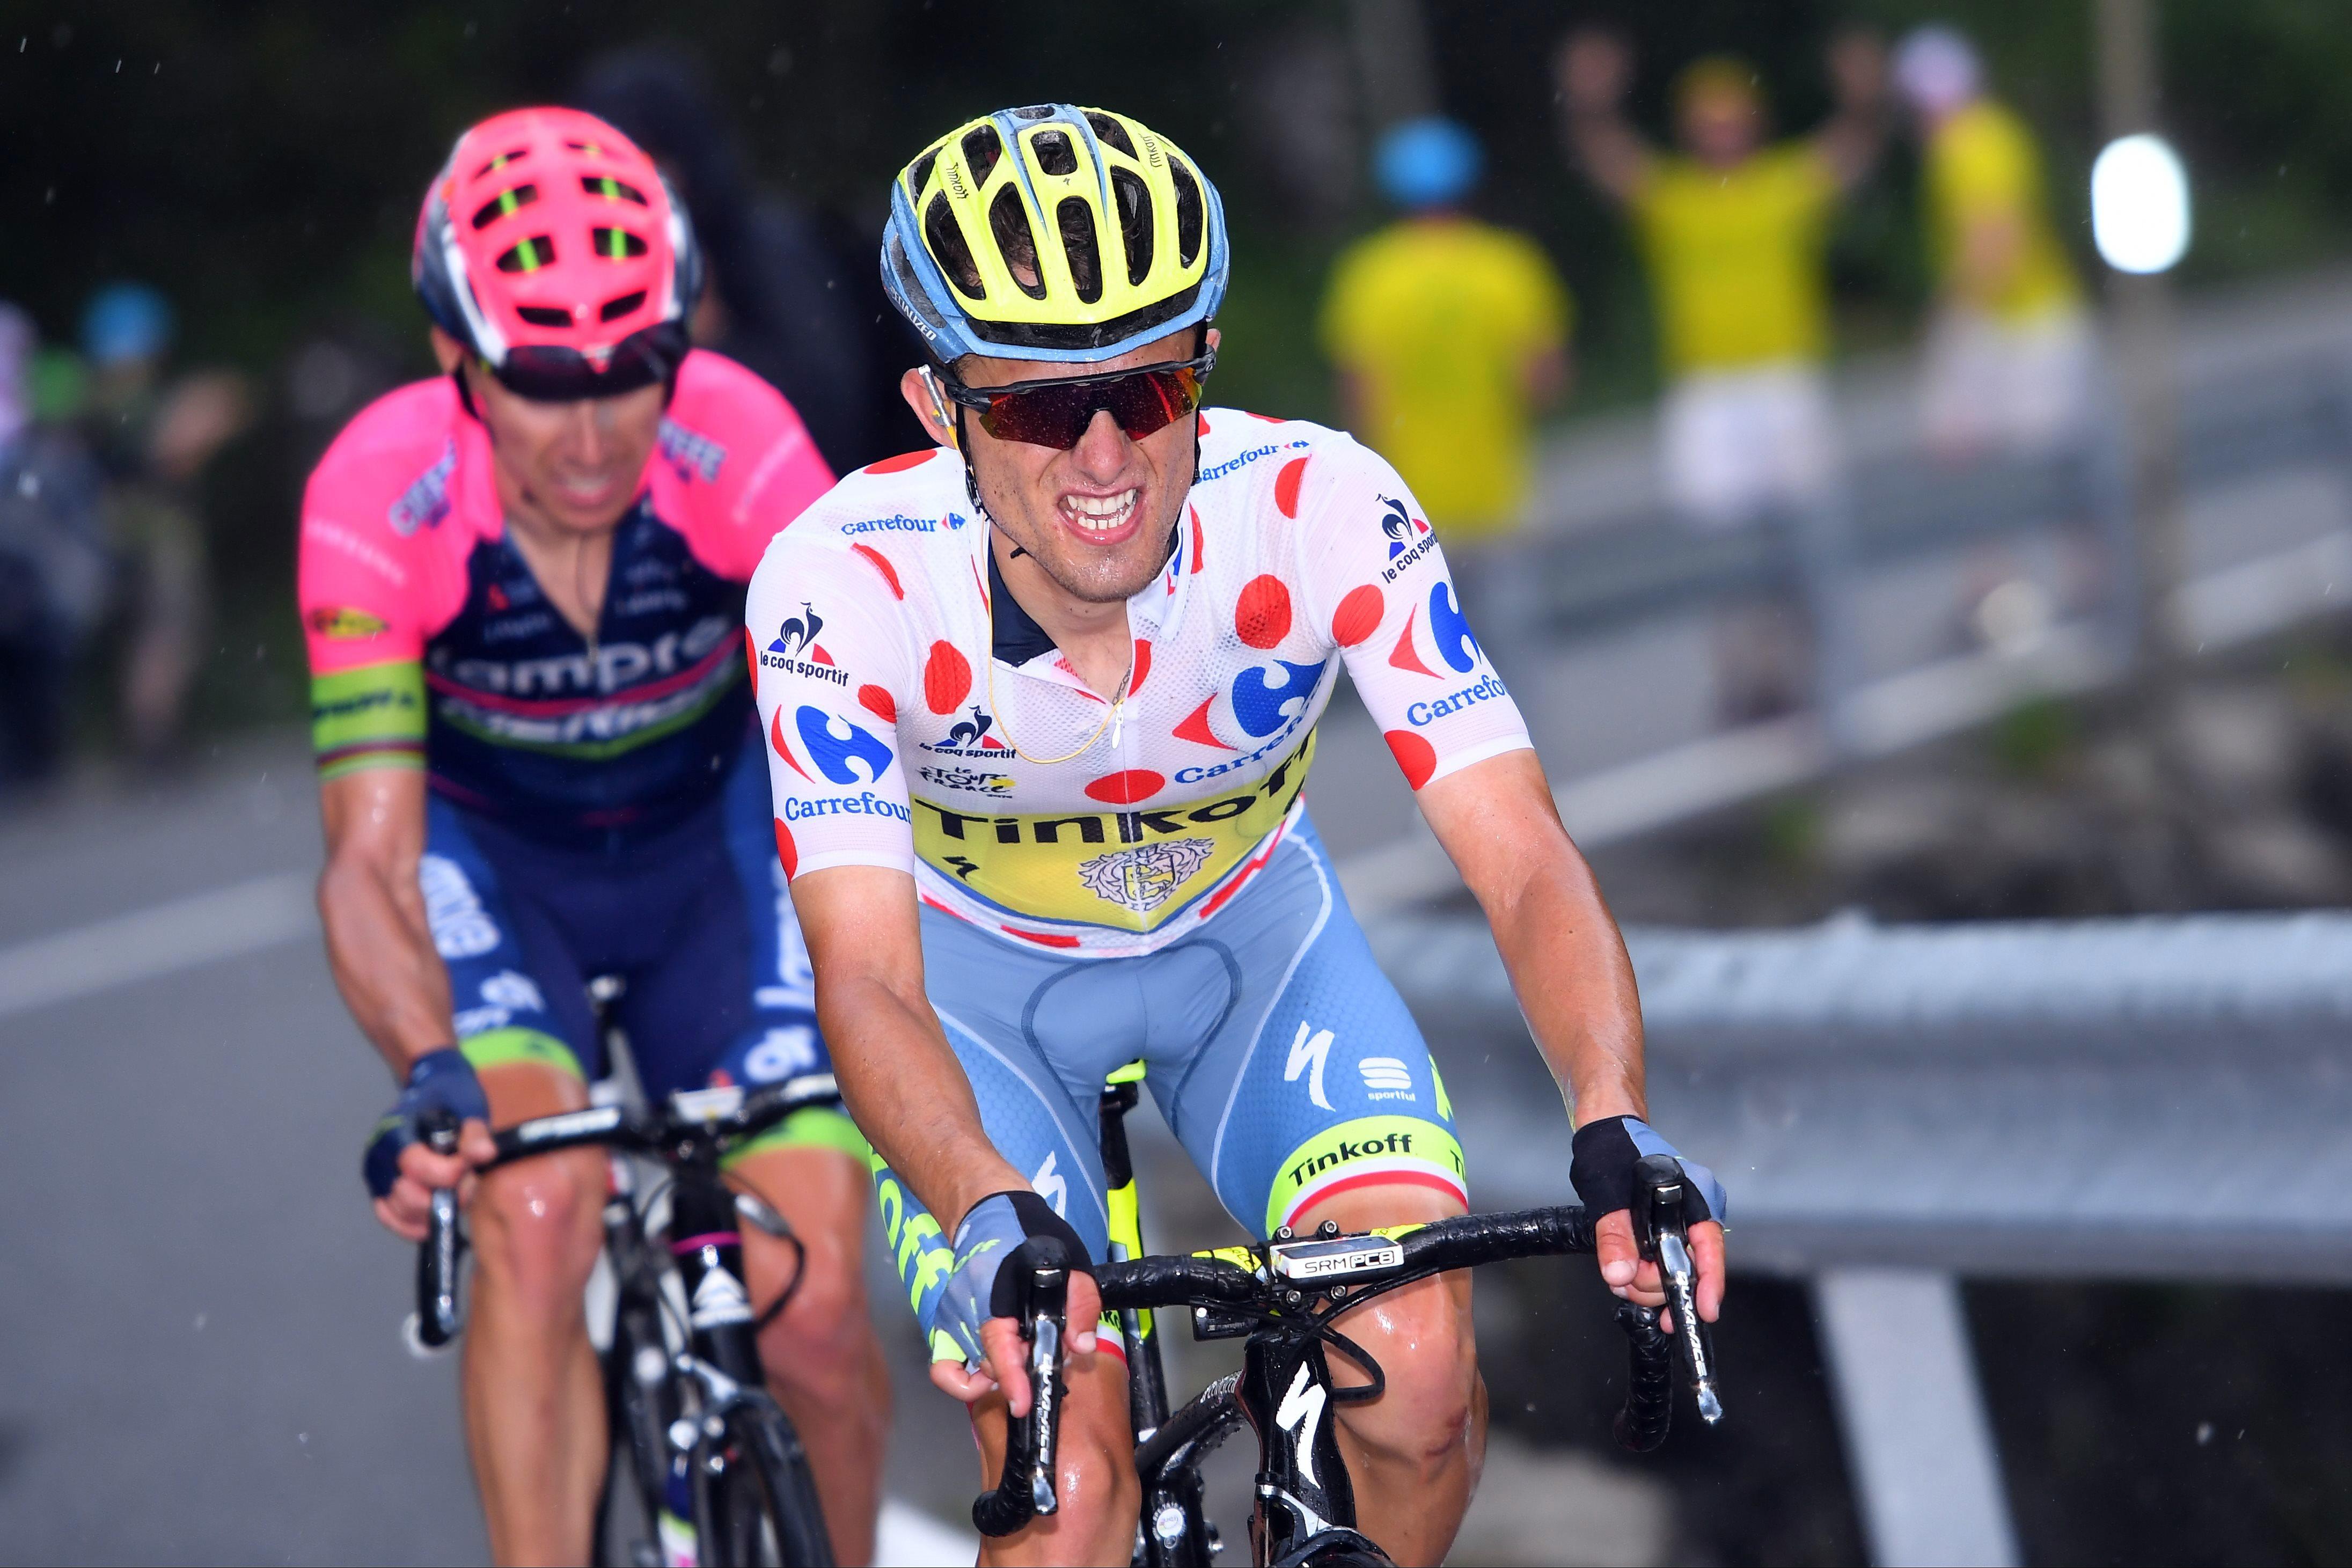 The Grand Tour Season 2 >> Rafal Majka to join Peter Sagan at Bora-Hansgrohe team in 2017 - Cycling Weekly